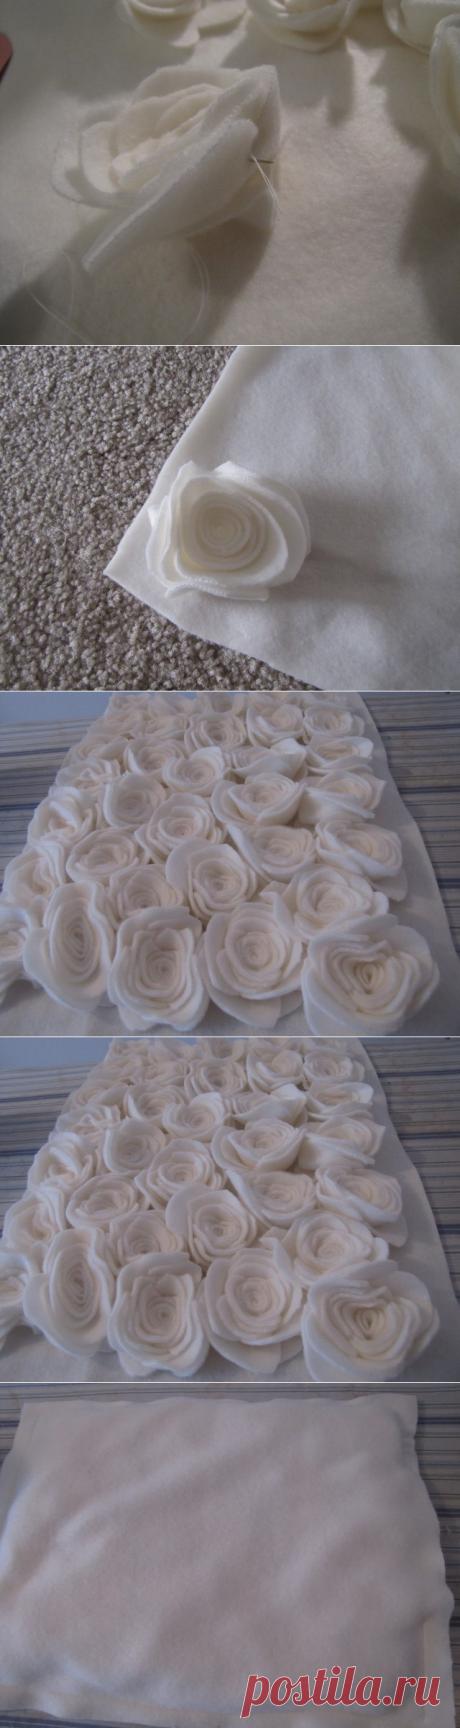 Превращение простой подушки при помощи флиса в шедевр — Сделай сам, идеи для творчества - DIY Ideas